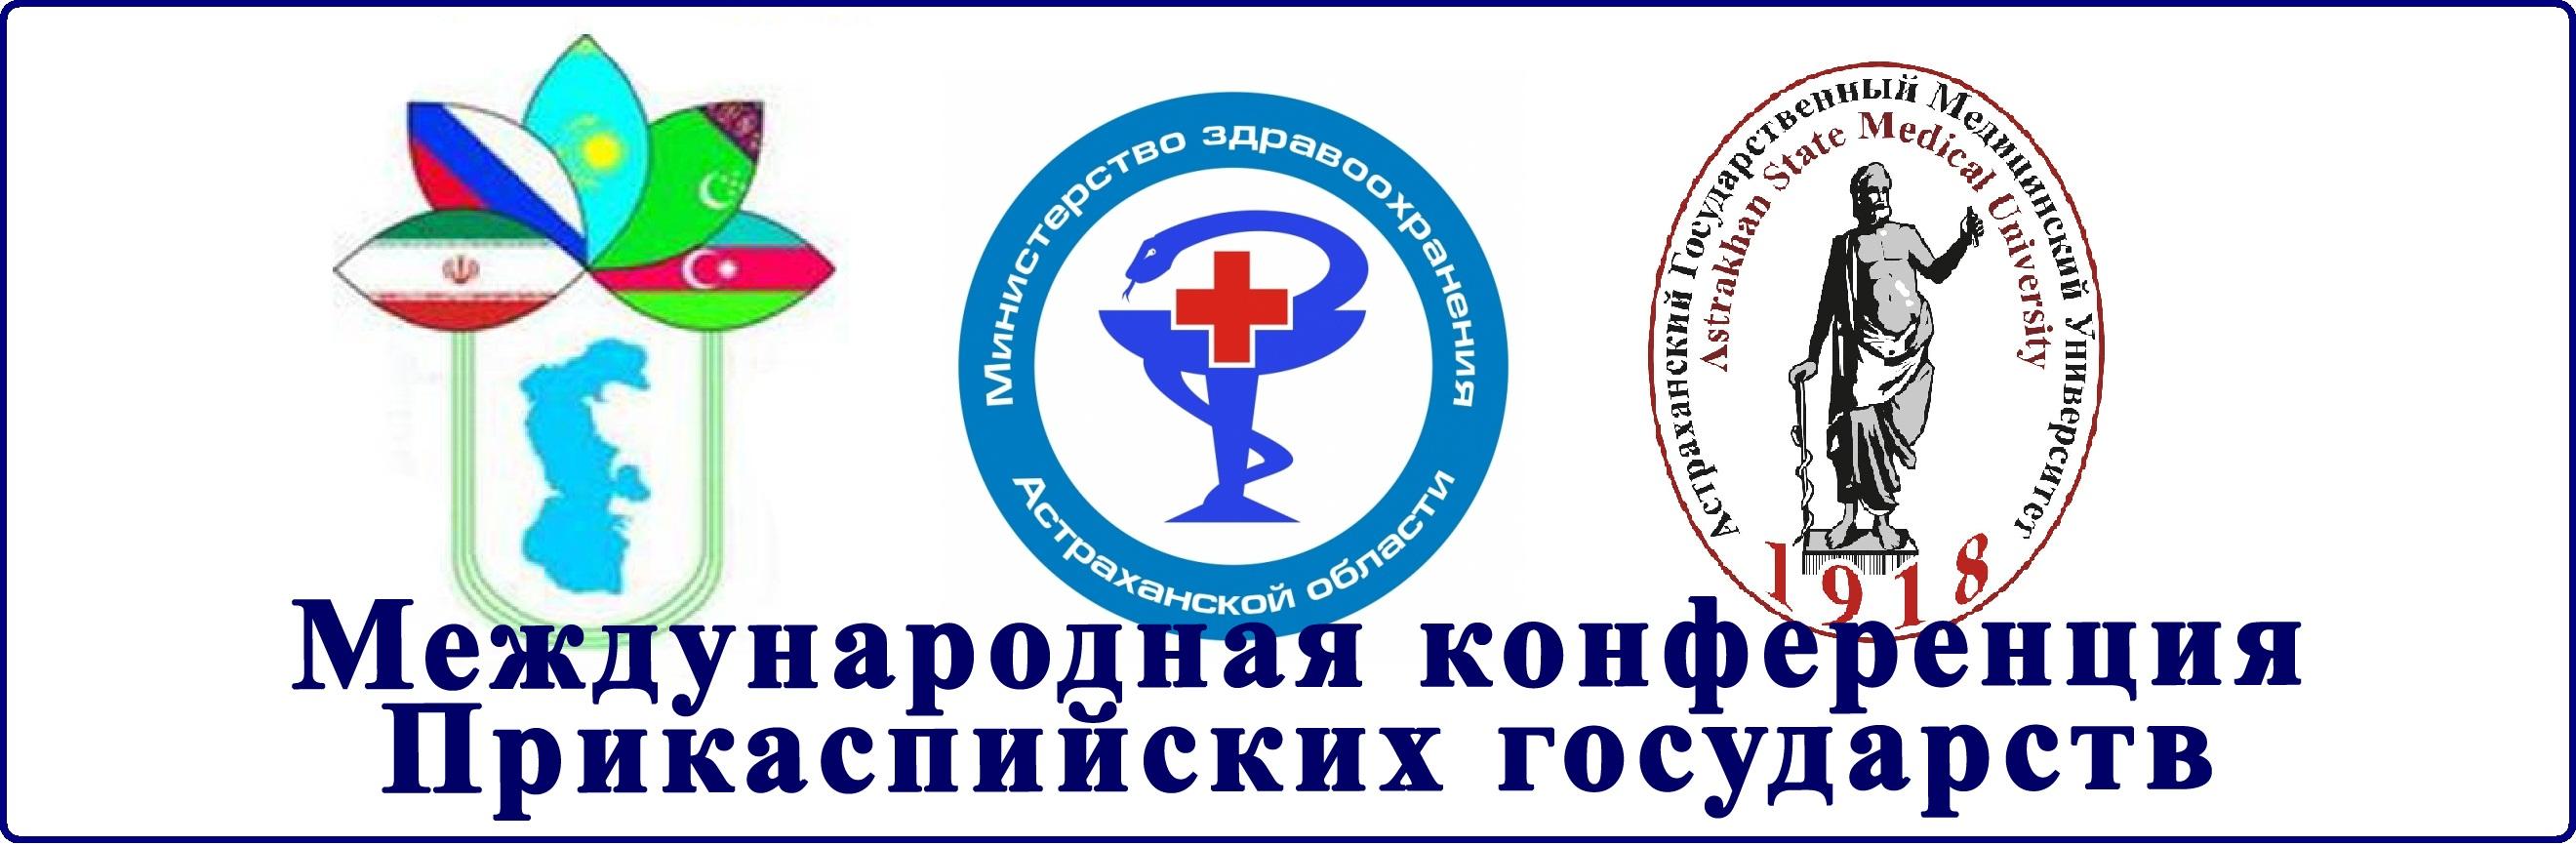 Международная конференция прикаспийских государств